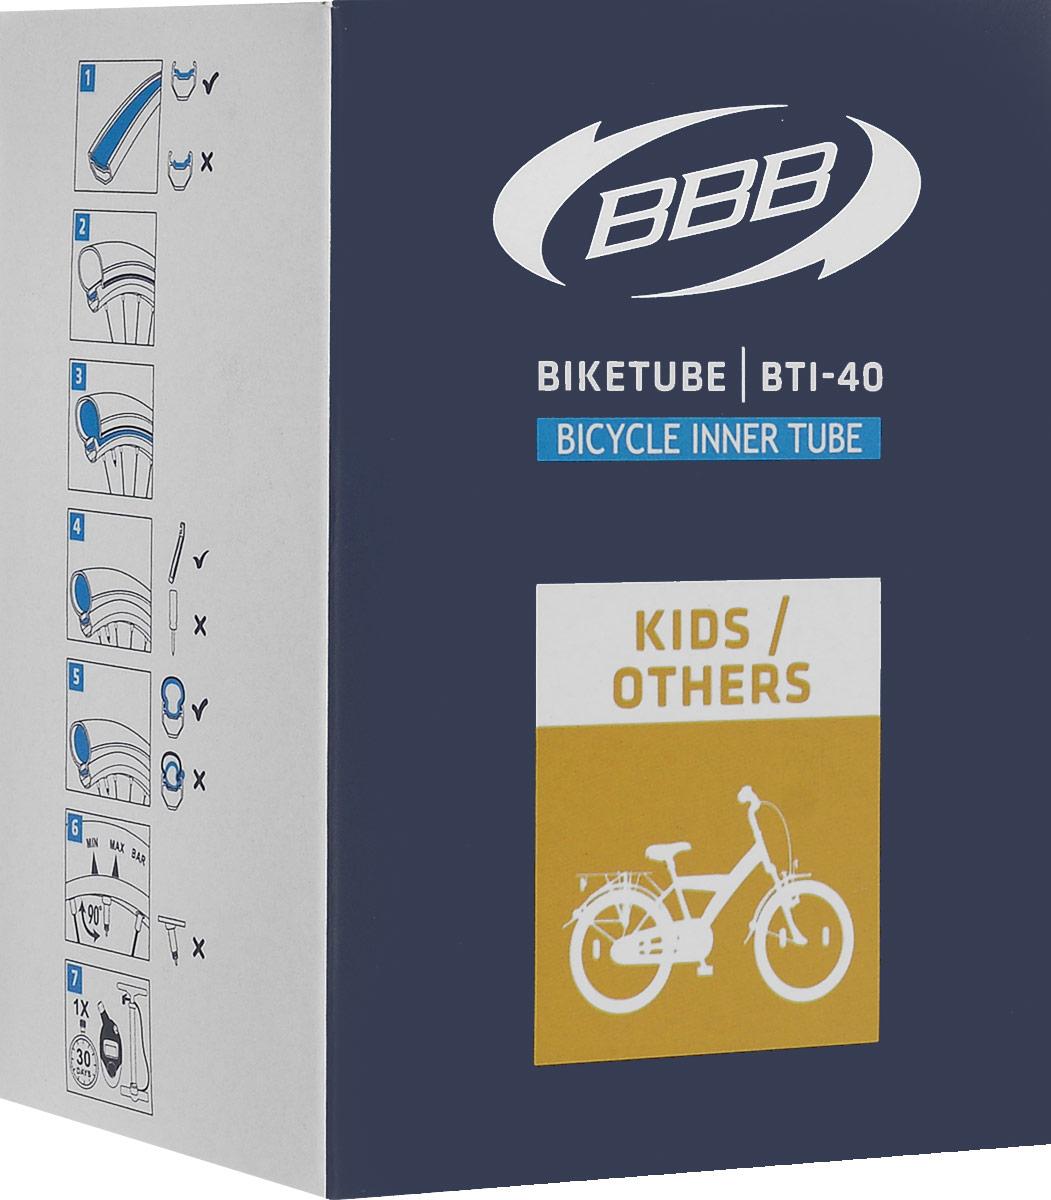 Камера велосипедная BBB, диаметр 24AIRWHEEL Q3-340WH-BLACKКамера BBB изготовлена из долговечного резинового компаунда. Никаких швов, которые могут пропускать воздух. Достаточно большая для защиты от проколов и достаточно небольшая для снижения веса. Велосипедные камеры - обязательный атрибут каждого велосипедиста! Никогда не выезжайте из дома на велосипеде, не взяв с собой запасную велосипедную шину!Диаметр колеса: 24.Допустимый размер сечения покрышки: от 1,9 до 2,125.Ниппель: AV 40 мм.Толщина стенки: 0,87 мм. Категория: универсальная.